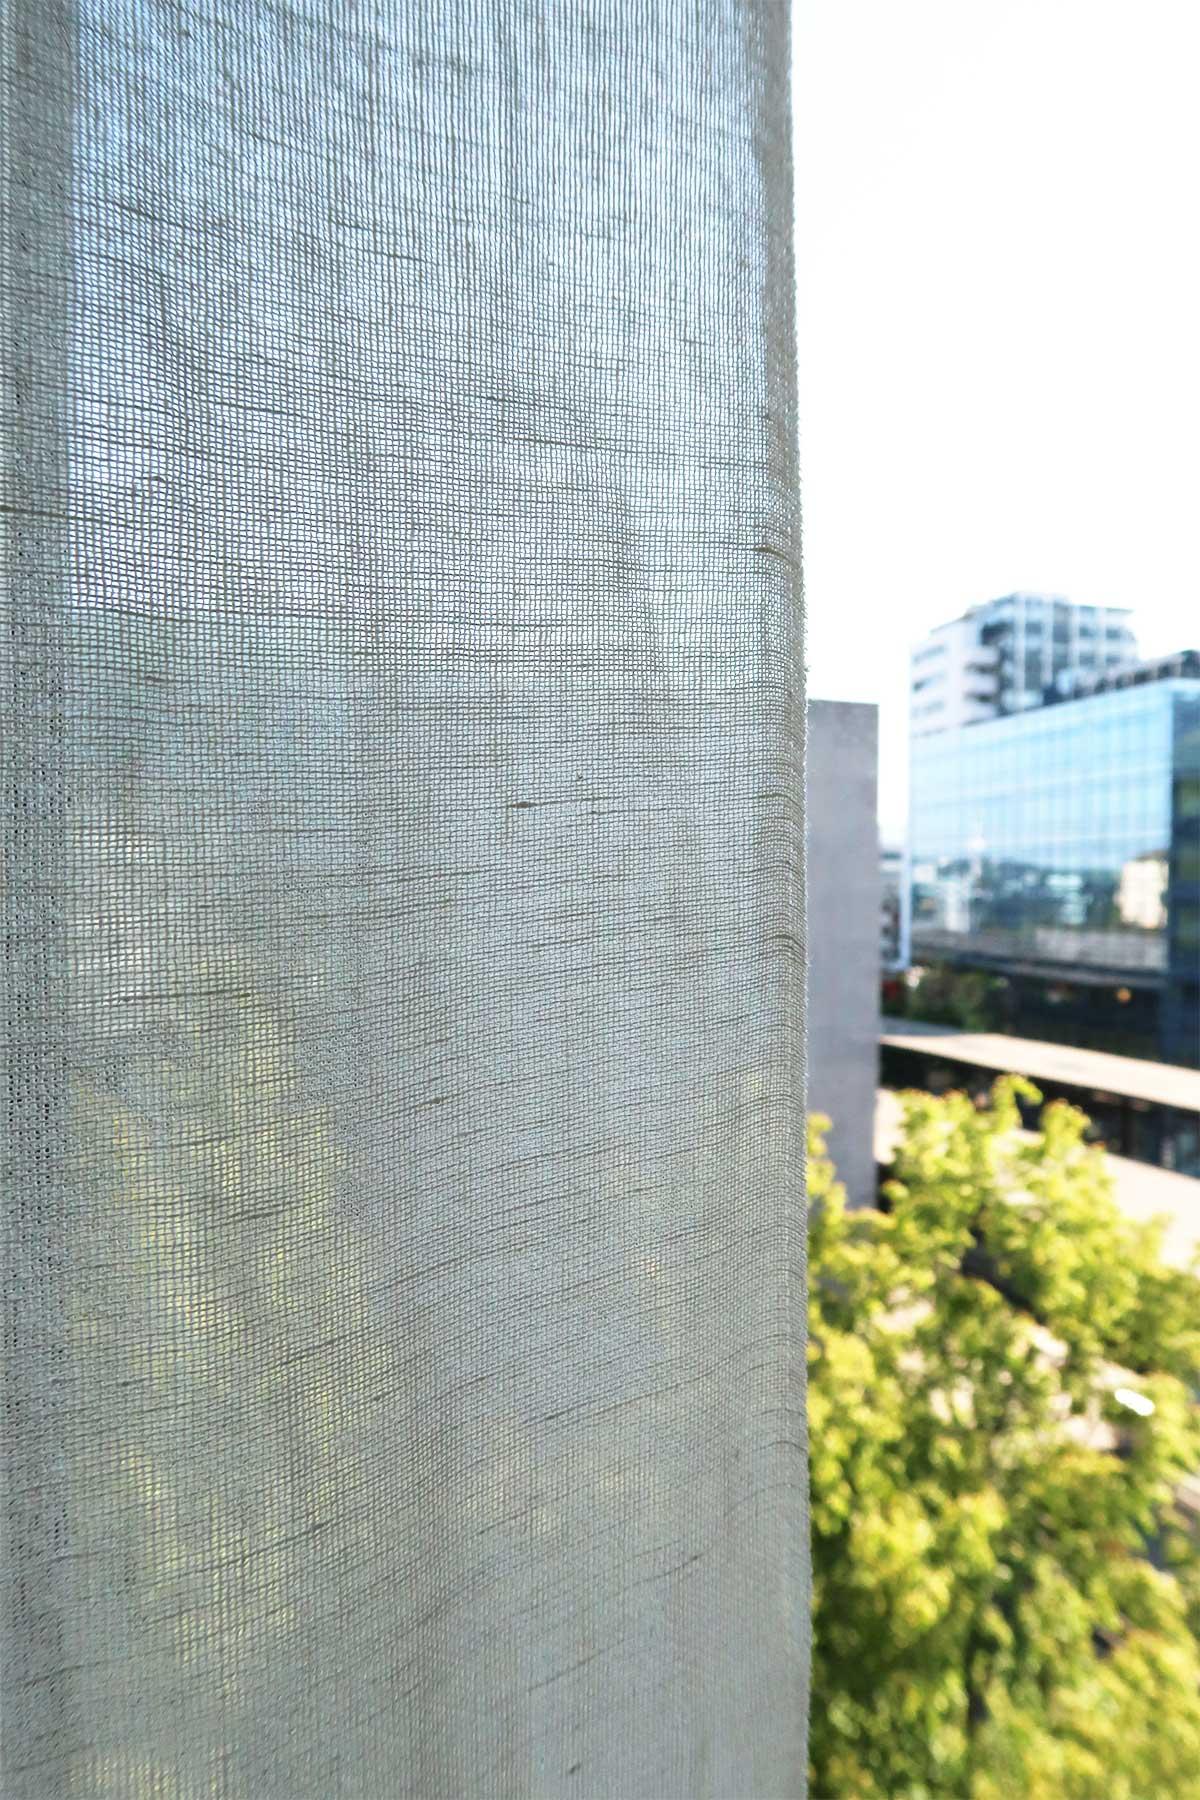 Full Size of Fenster Auf Maß Tagvorhang Tramontana Christian Fischbacher Leinen Optik Rehau Velux Kaufen Nach Türen Schallschutz Regal Standardmaße Holz Alu Preise Bad Fenster Fenster Auf Maß